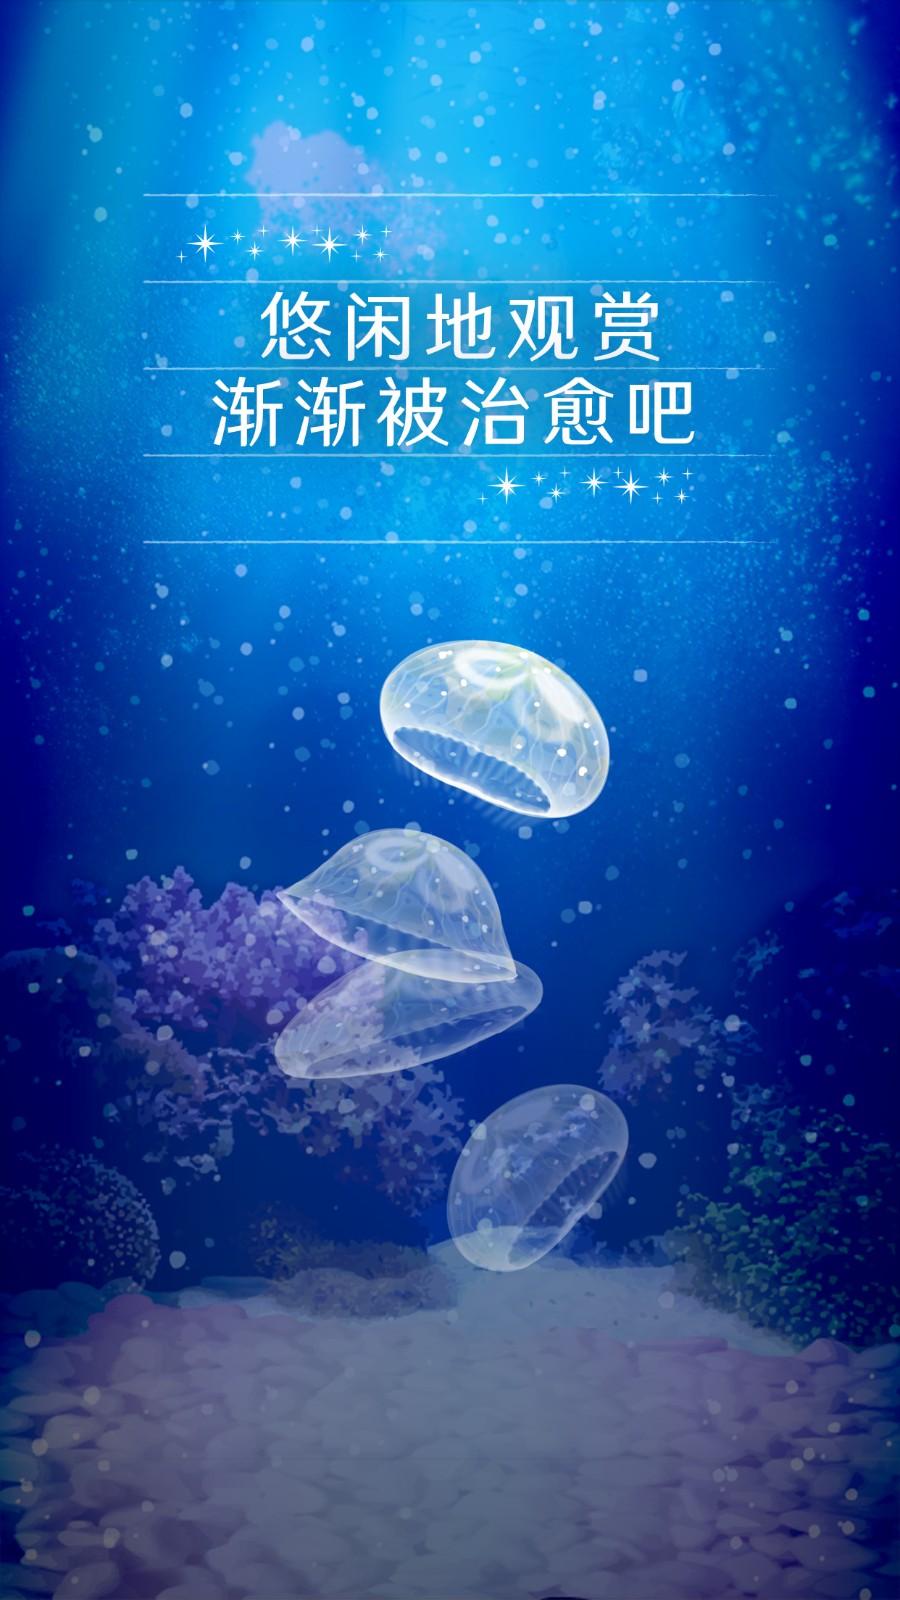 养育水母的治愈游戏中文版下载